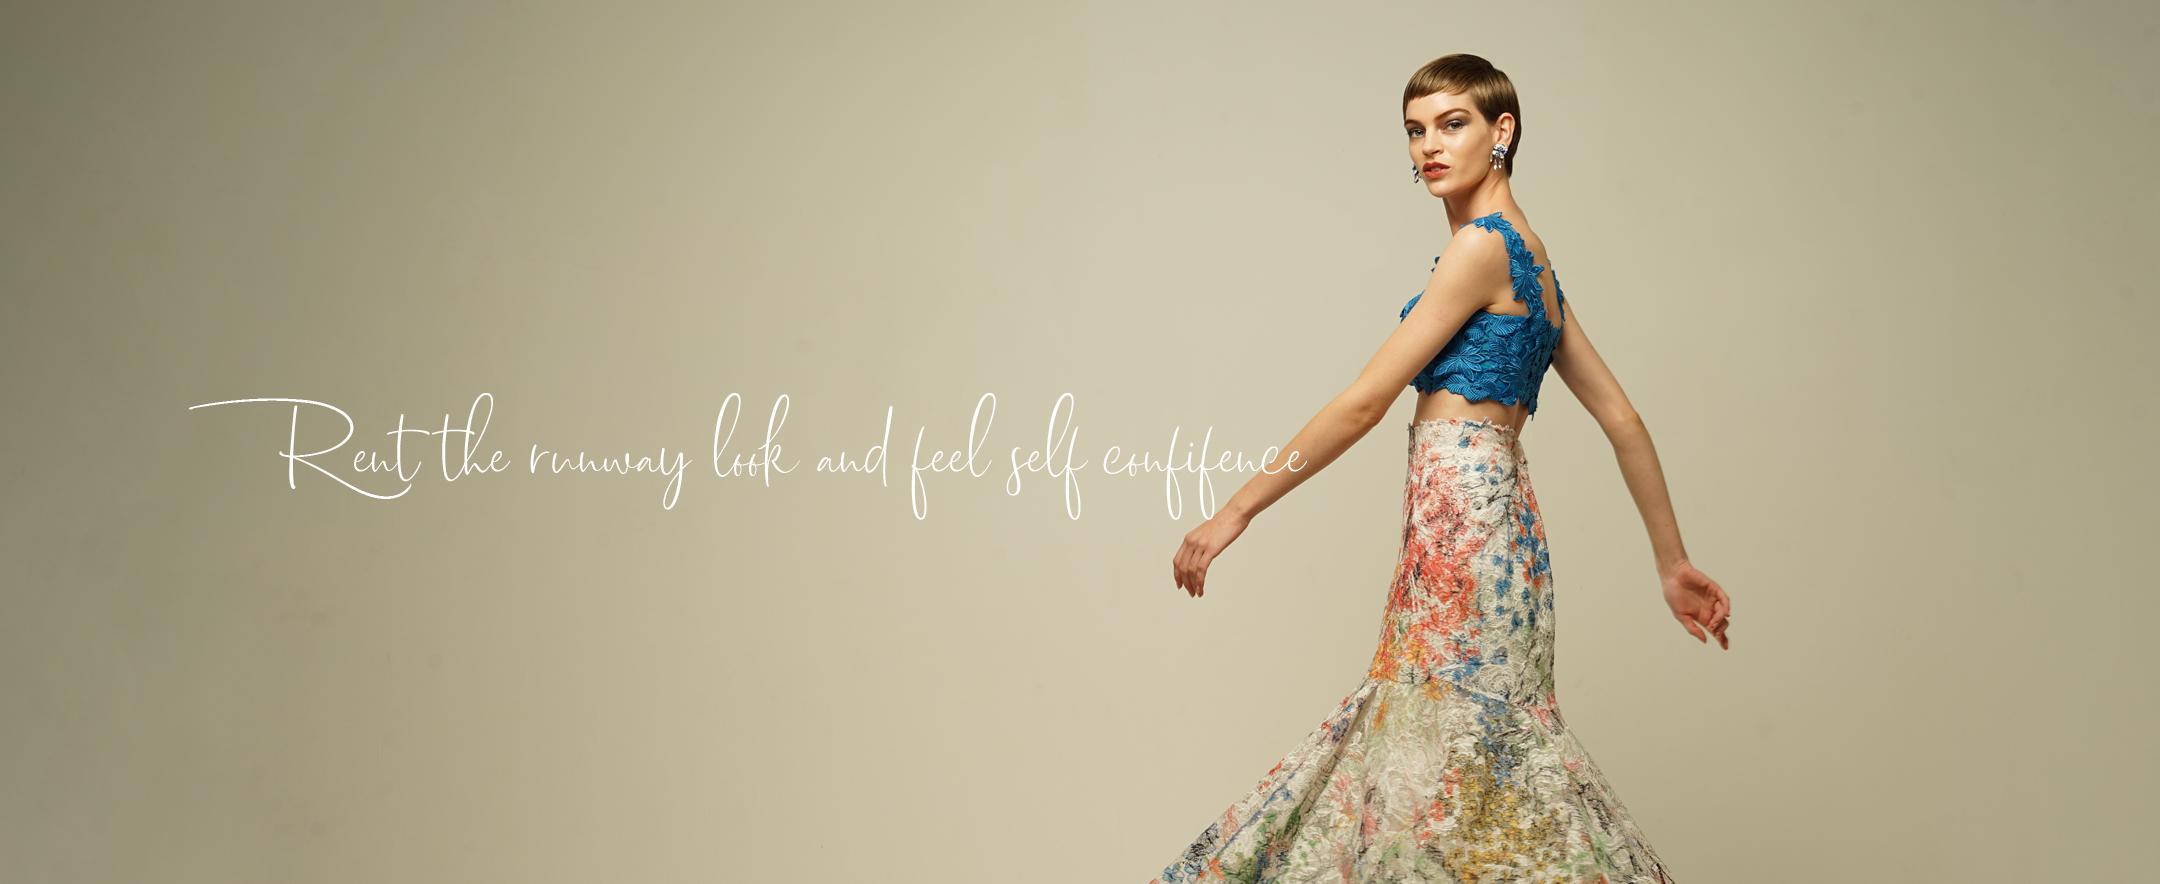 結婚式やパーティーのドレスはレンタルする時代。おしゃれなインポートブランドのパーティードレスをレンタルして自信触れるひとときを体験してみては。